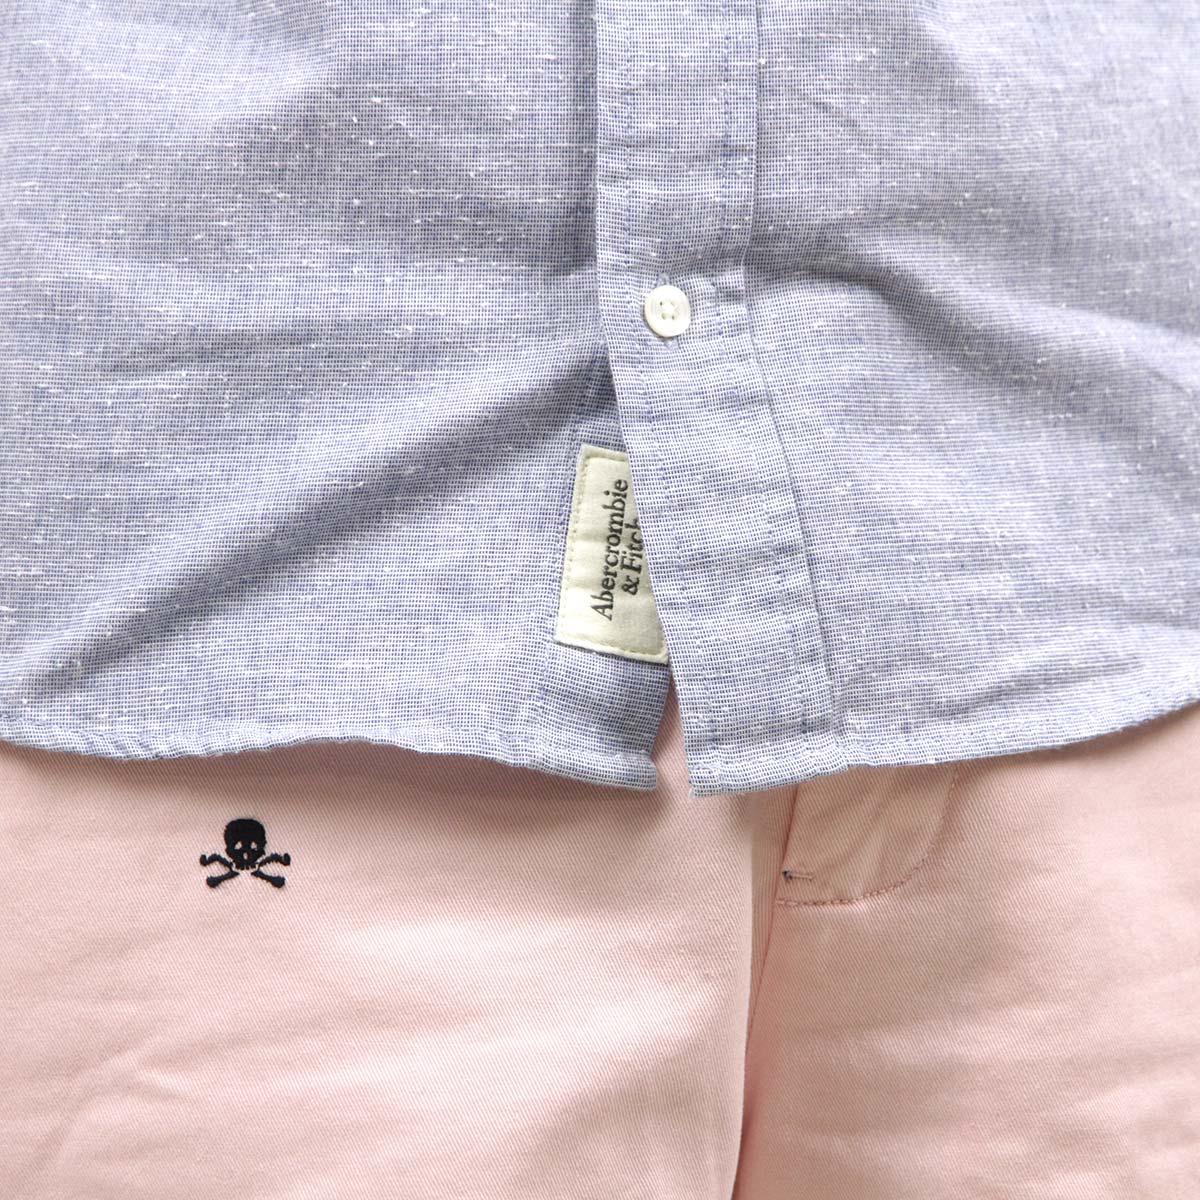 アバクロ Abercrombie&Fitch 正規品 メンズ 長袖シャツ  TEXTURED SHIRT 125-168-2155-222